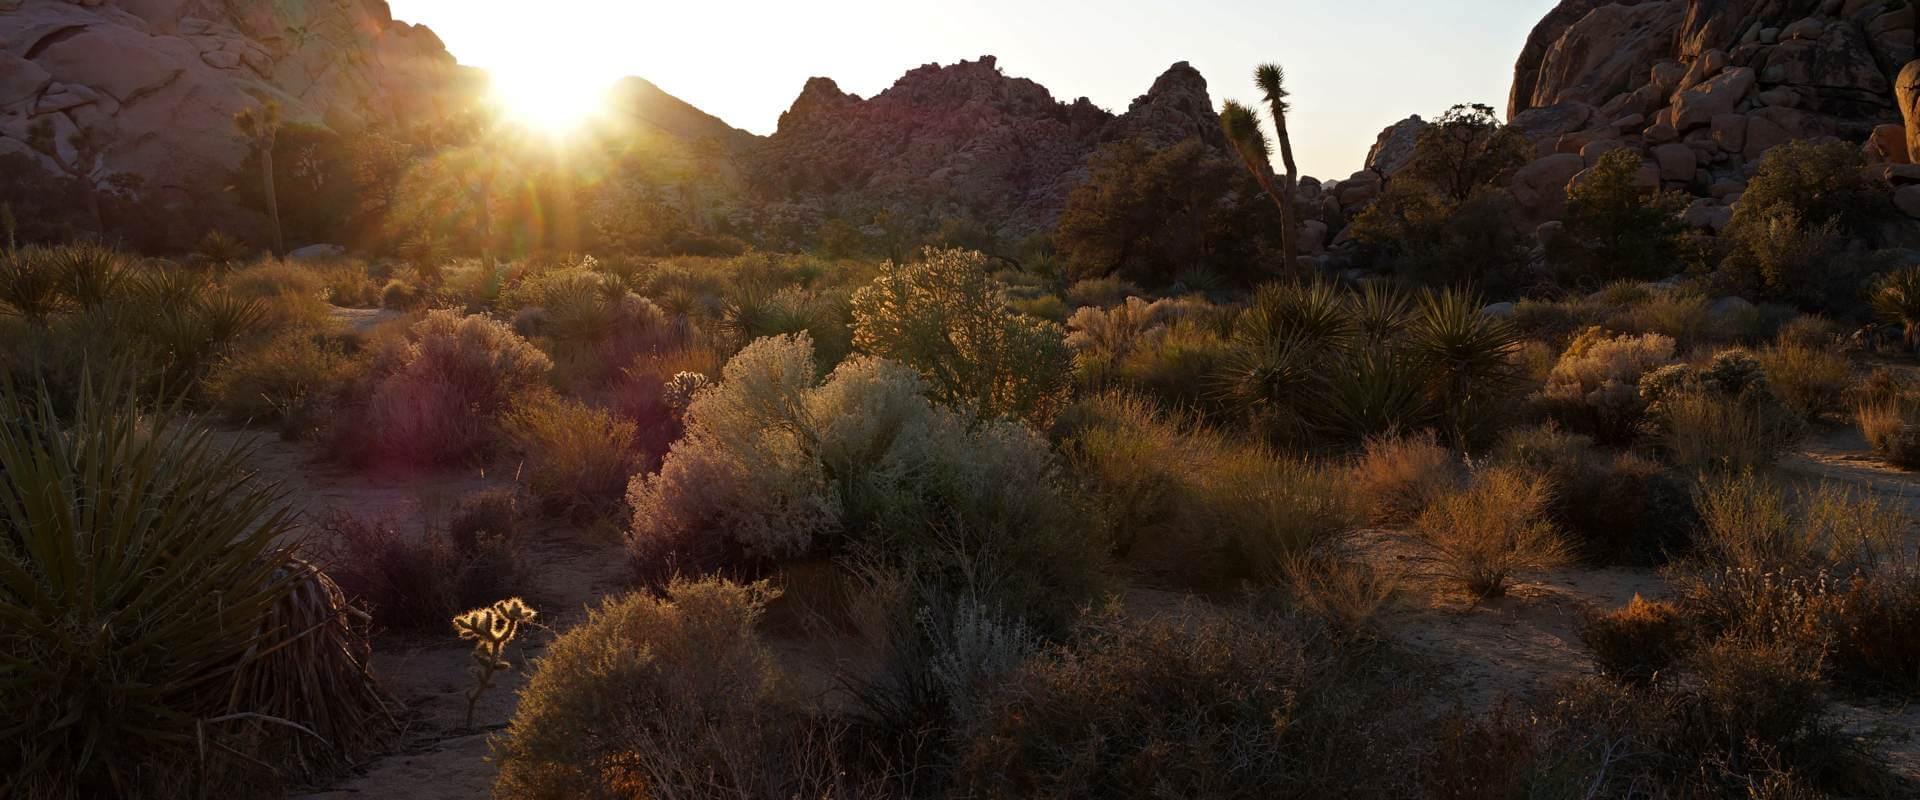 Ein kleines Juwel: Das Hidden Valley im Joshua Tree National Park